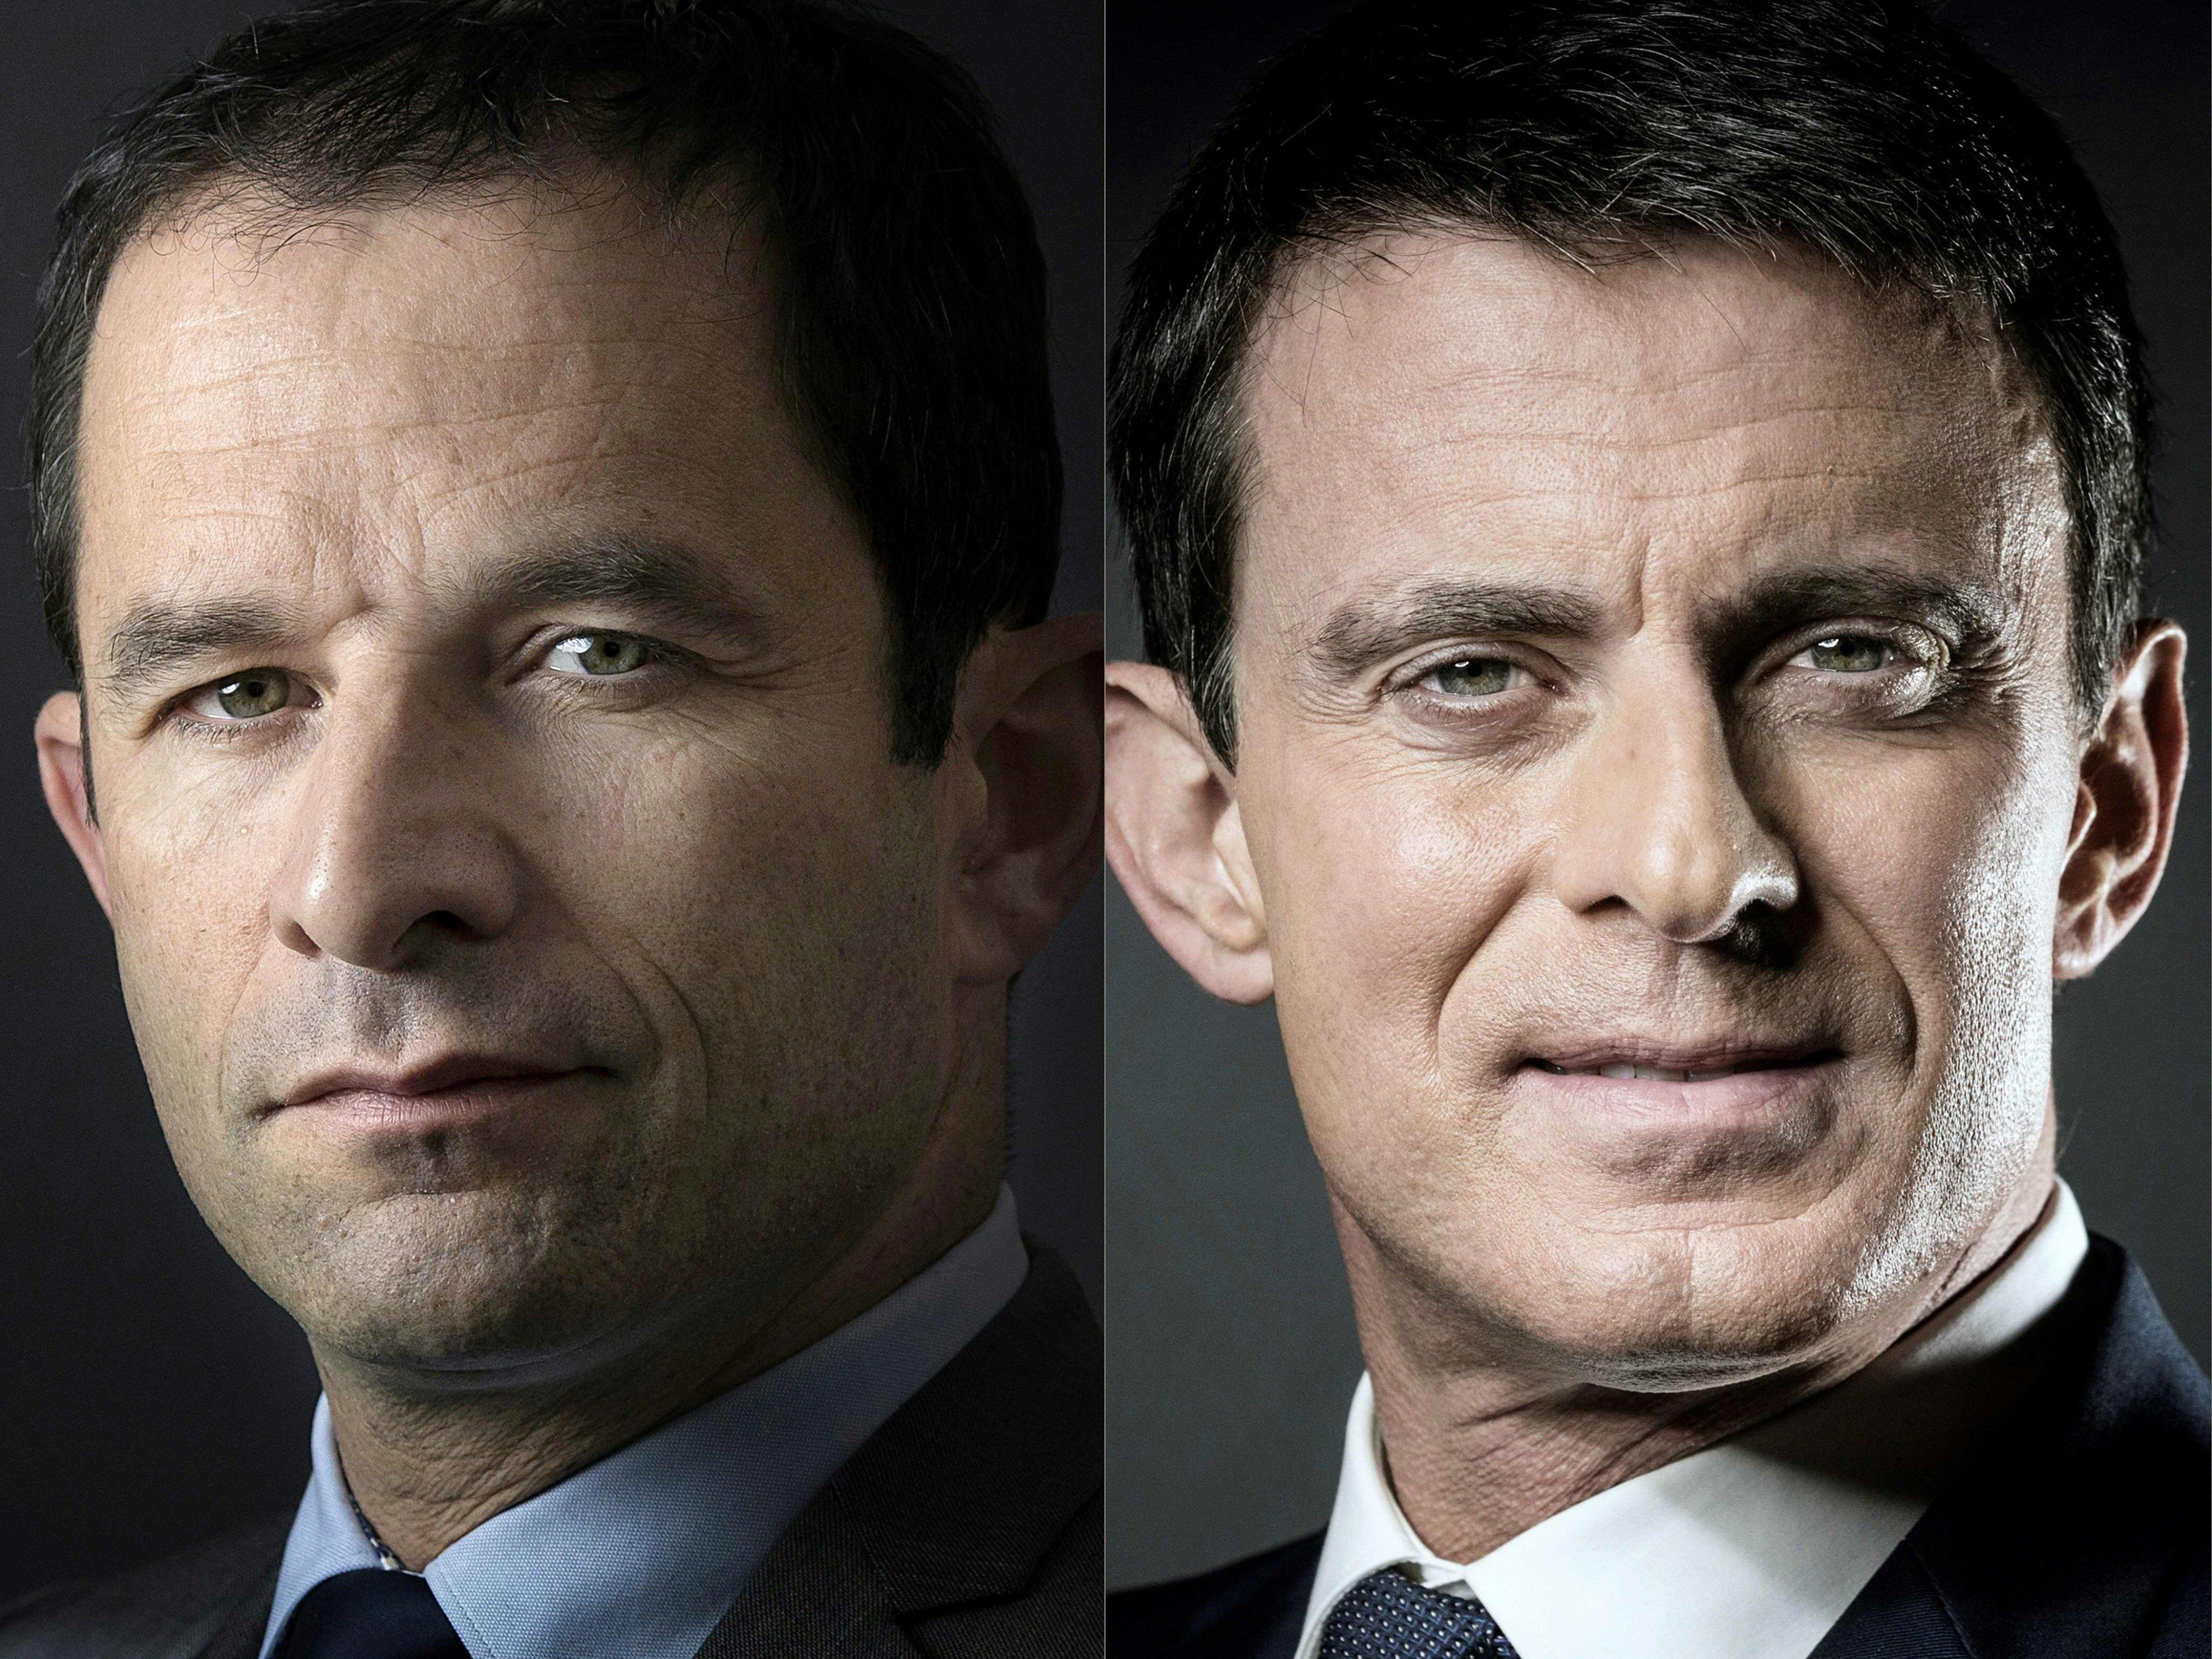 Hamon (links im Bild) und Valls.